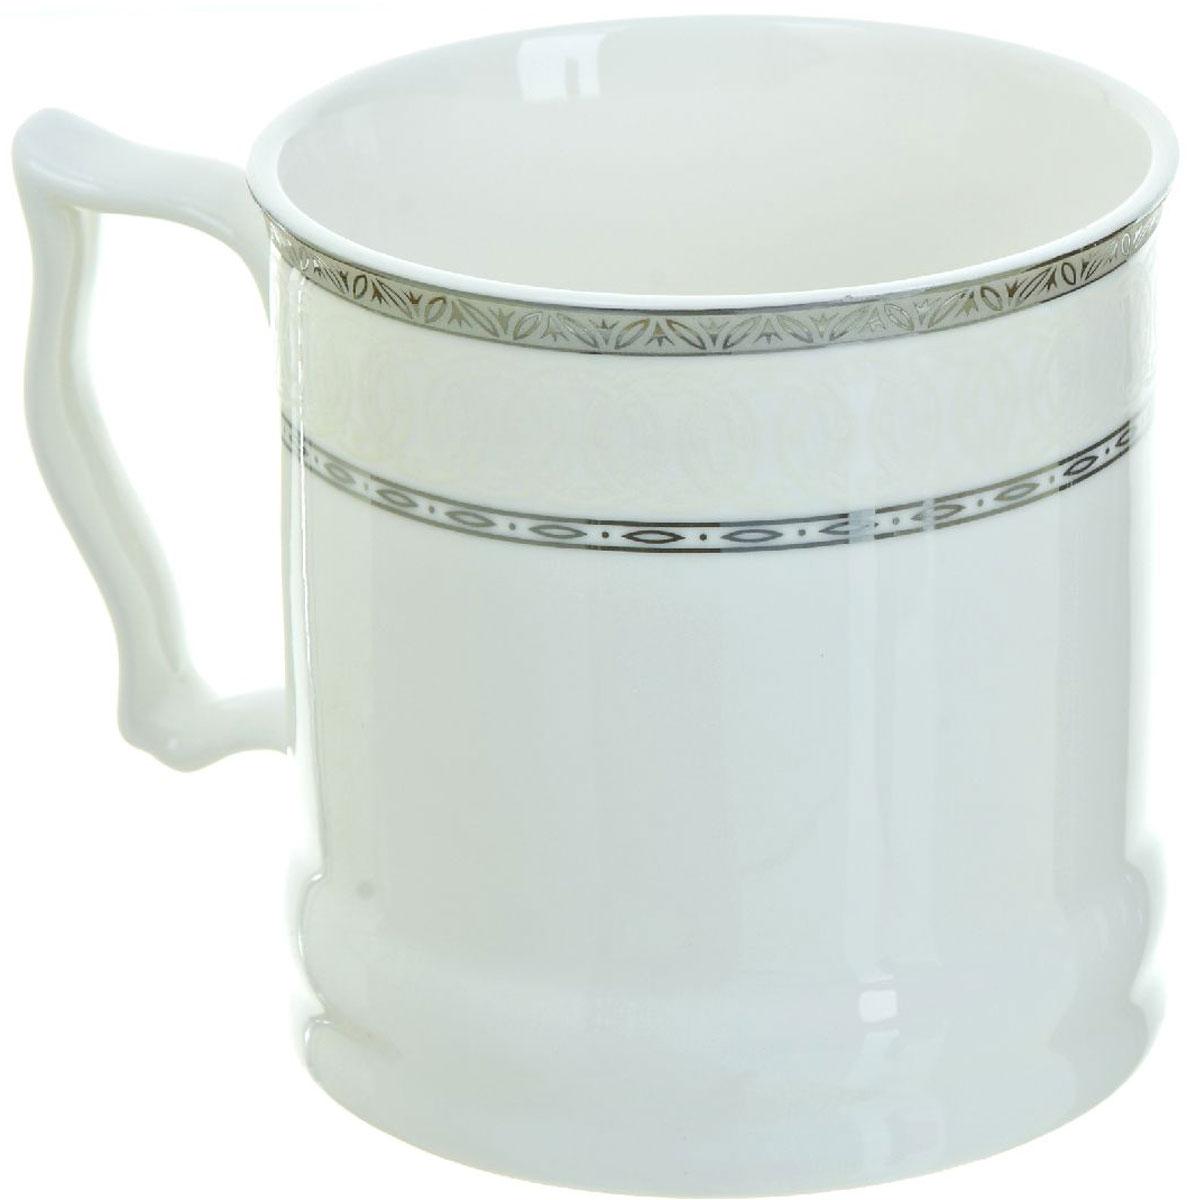 Кружка BHP Королевская кружка, 500 мл. 18700061870006Оригинальная кружка Best Home Porcelain, выполненная из высококачественного фарфора, сочетает в себе простой, утонченный дизайн с максимальной функциональностью. Оригинальность оформления придутся по вкусу тем, кто ценит индивидуальность. В комплект входит кружка. Можно использовать в ПММ.